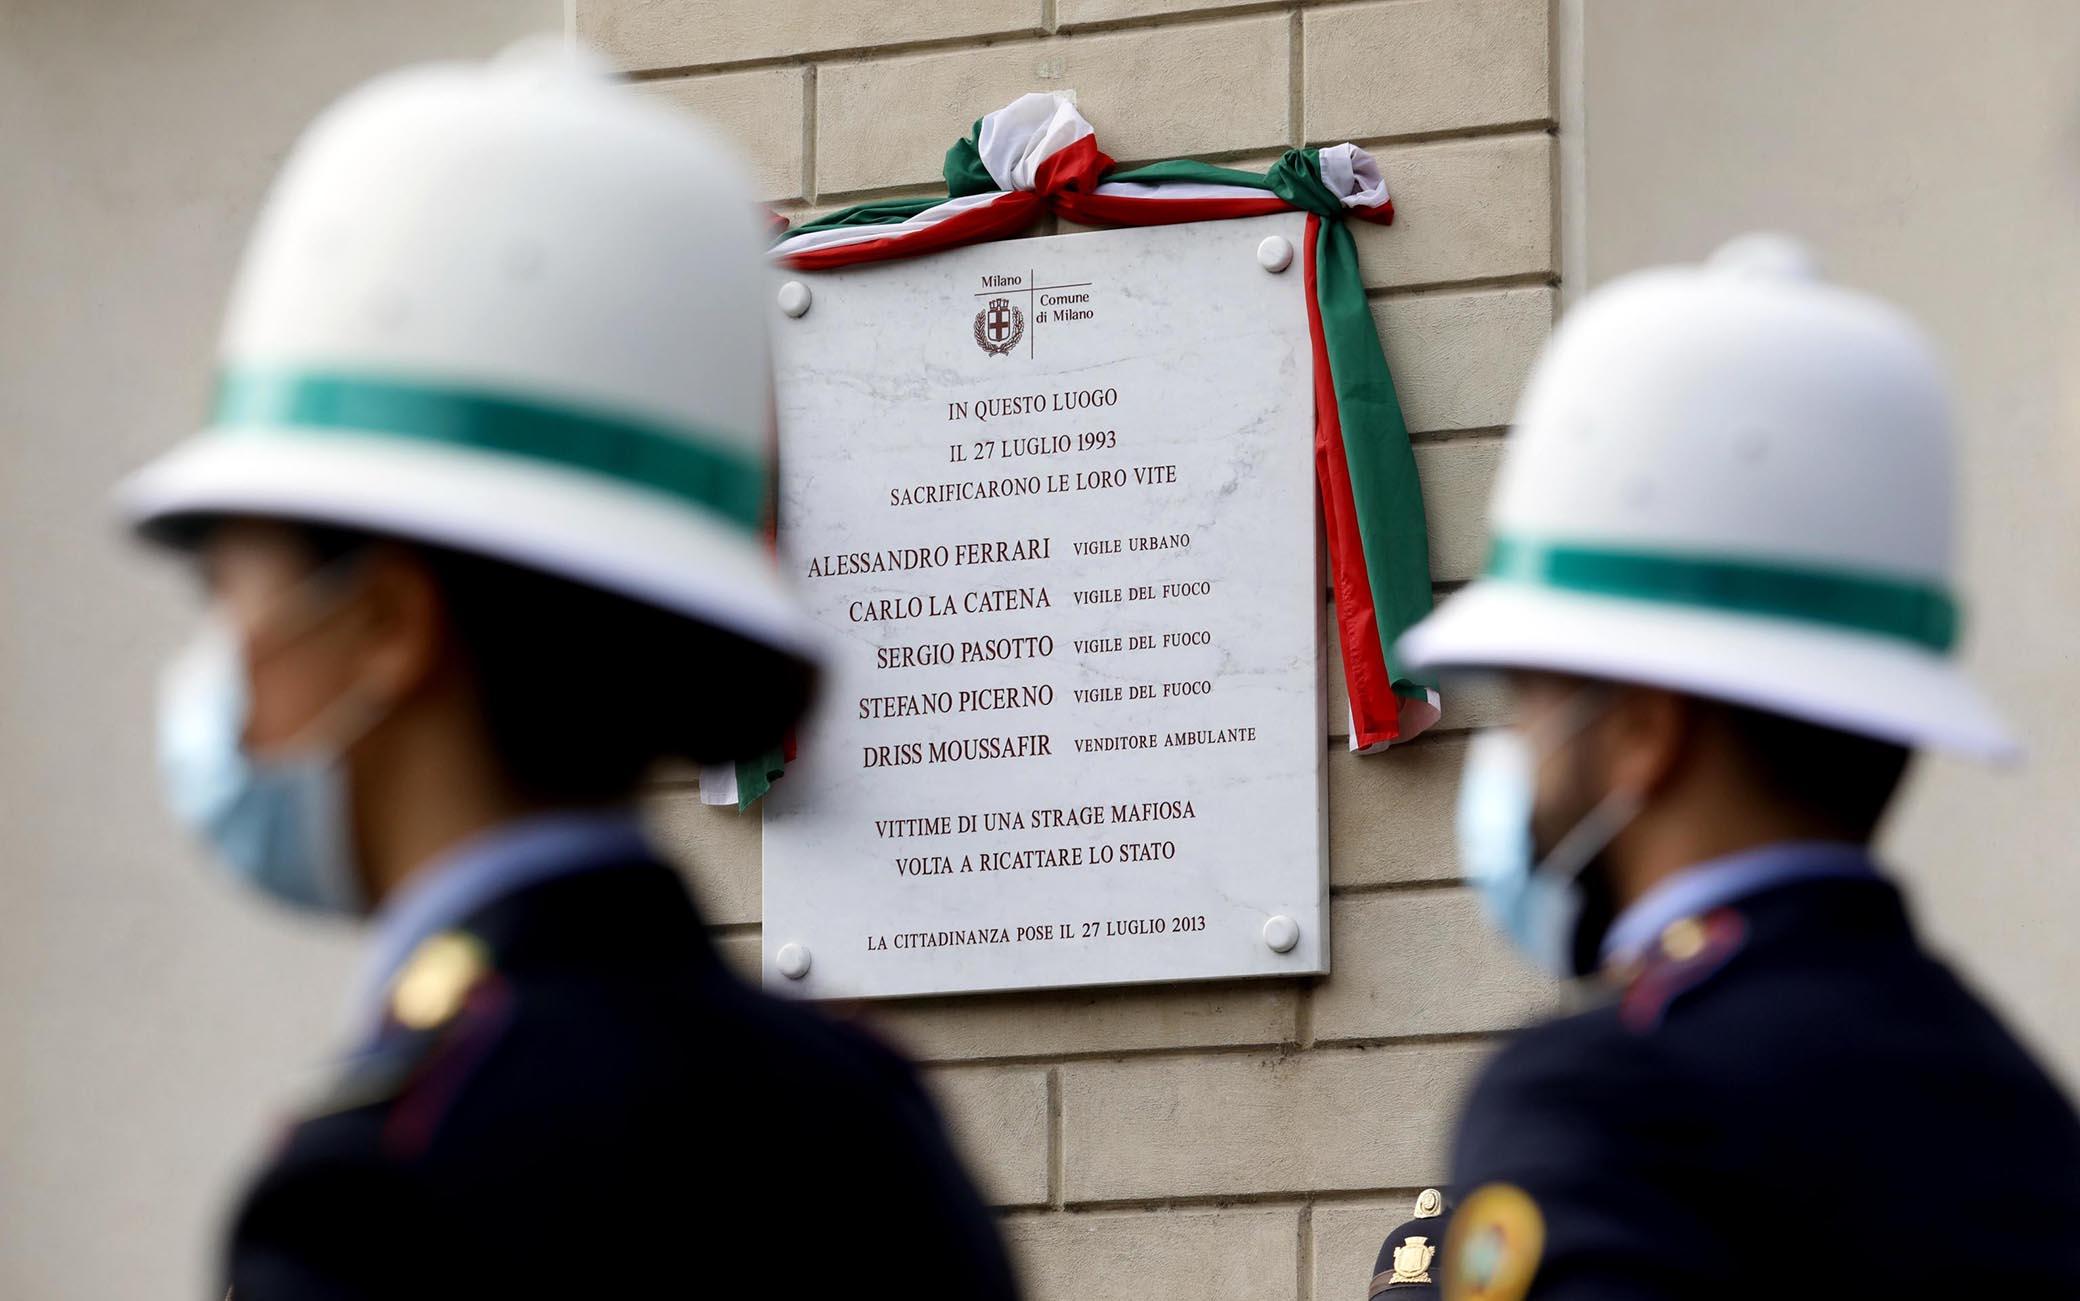 La targa per le vittime della strage di via palestro a Milano, 27 luglio 2021.ANSA/MOURAD BALTI TOUATI